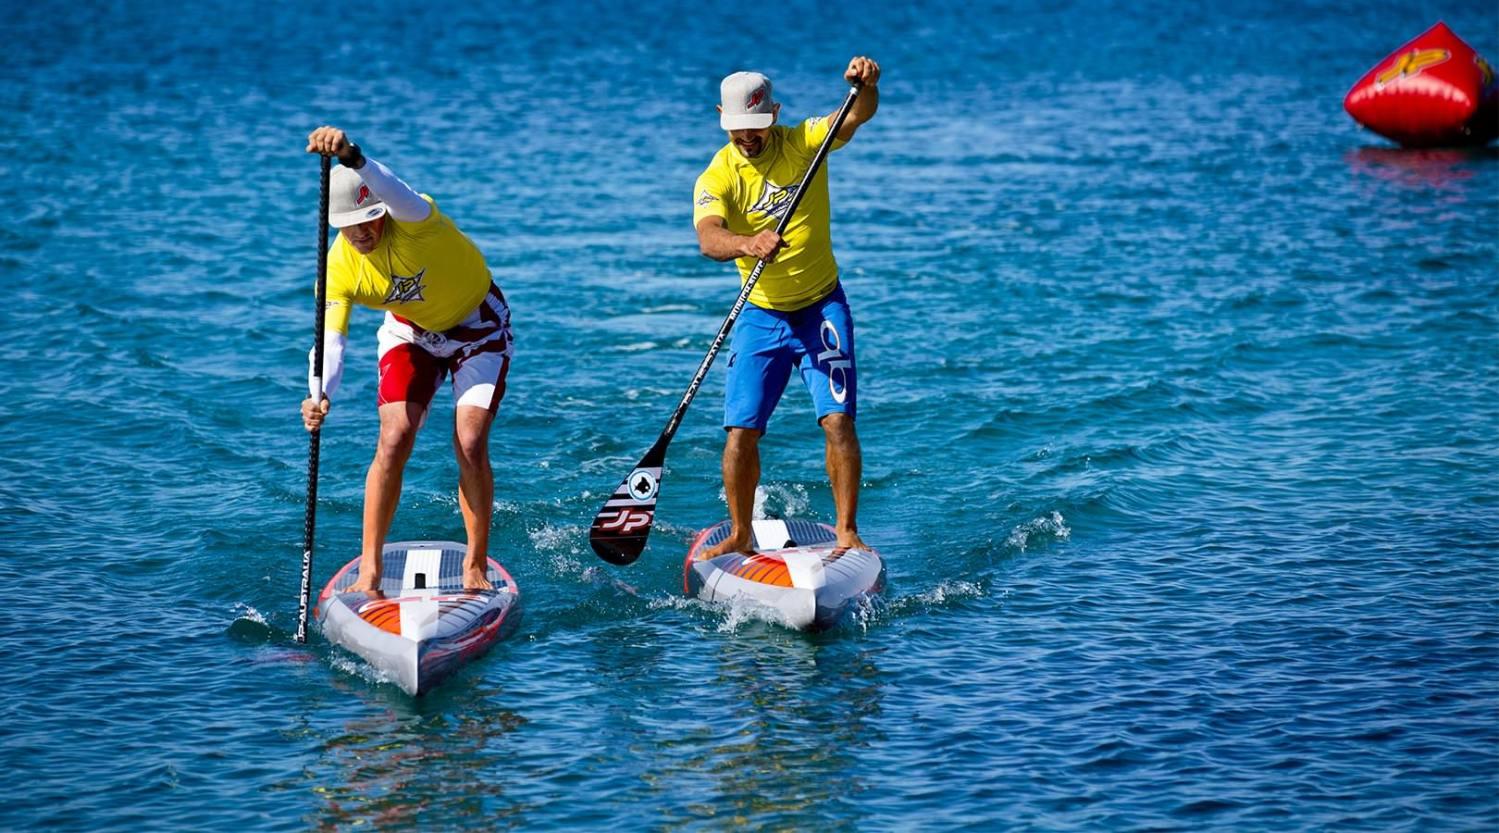 Zwei Stand-Up Paddler auf Raceboards bei einem Wettkampf